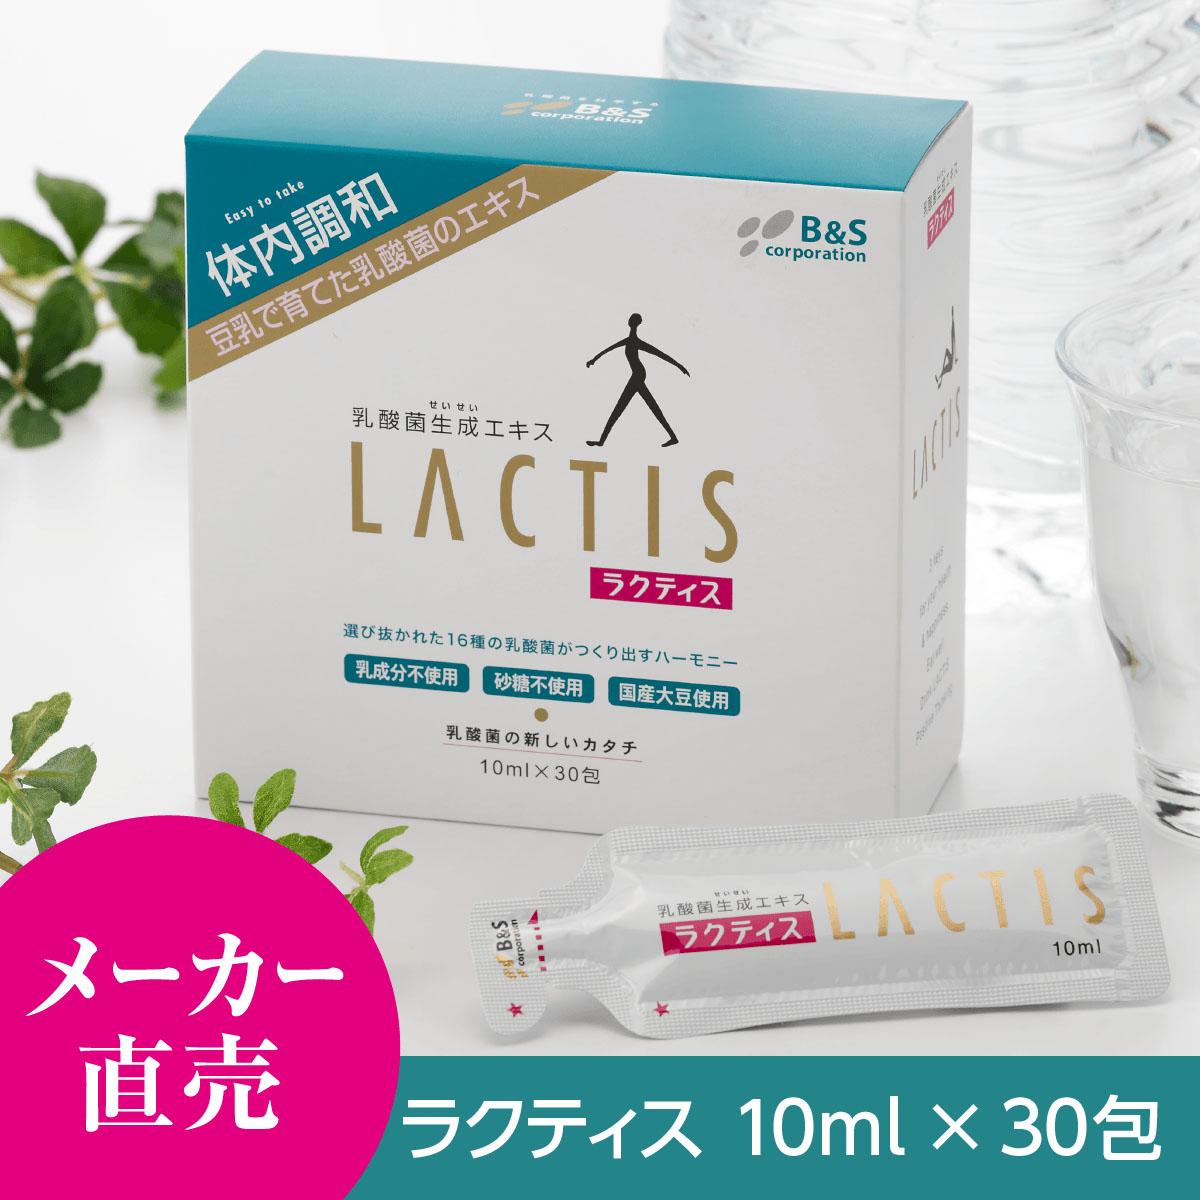 lactis_10ml